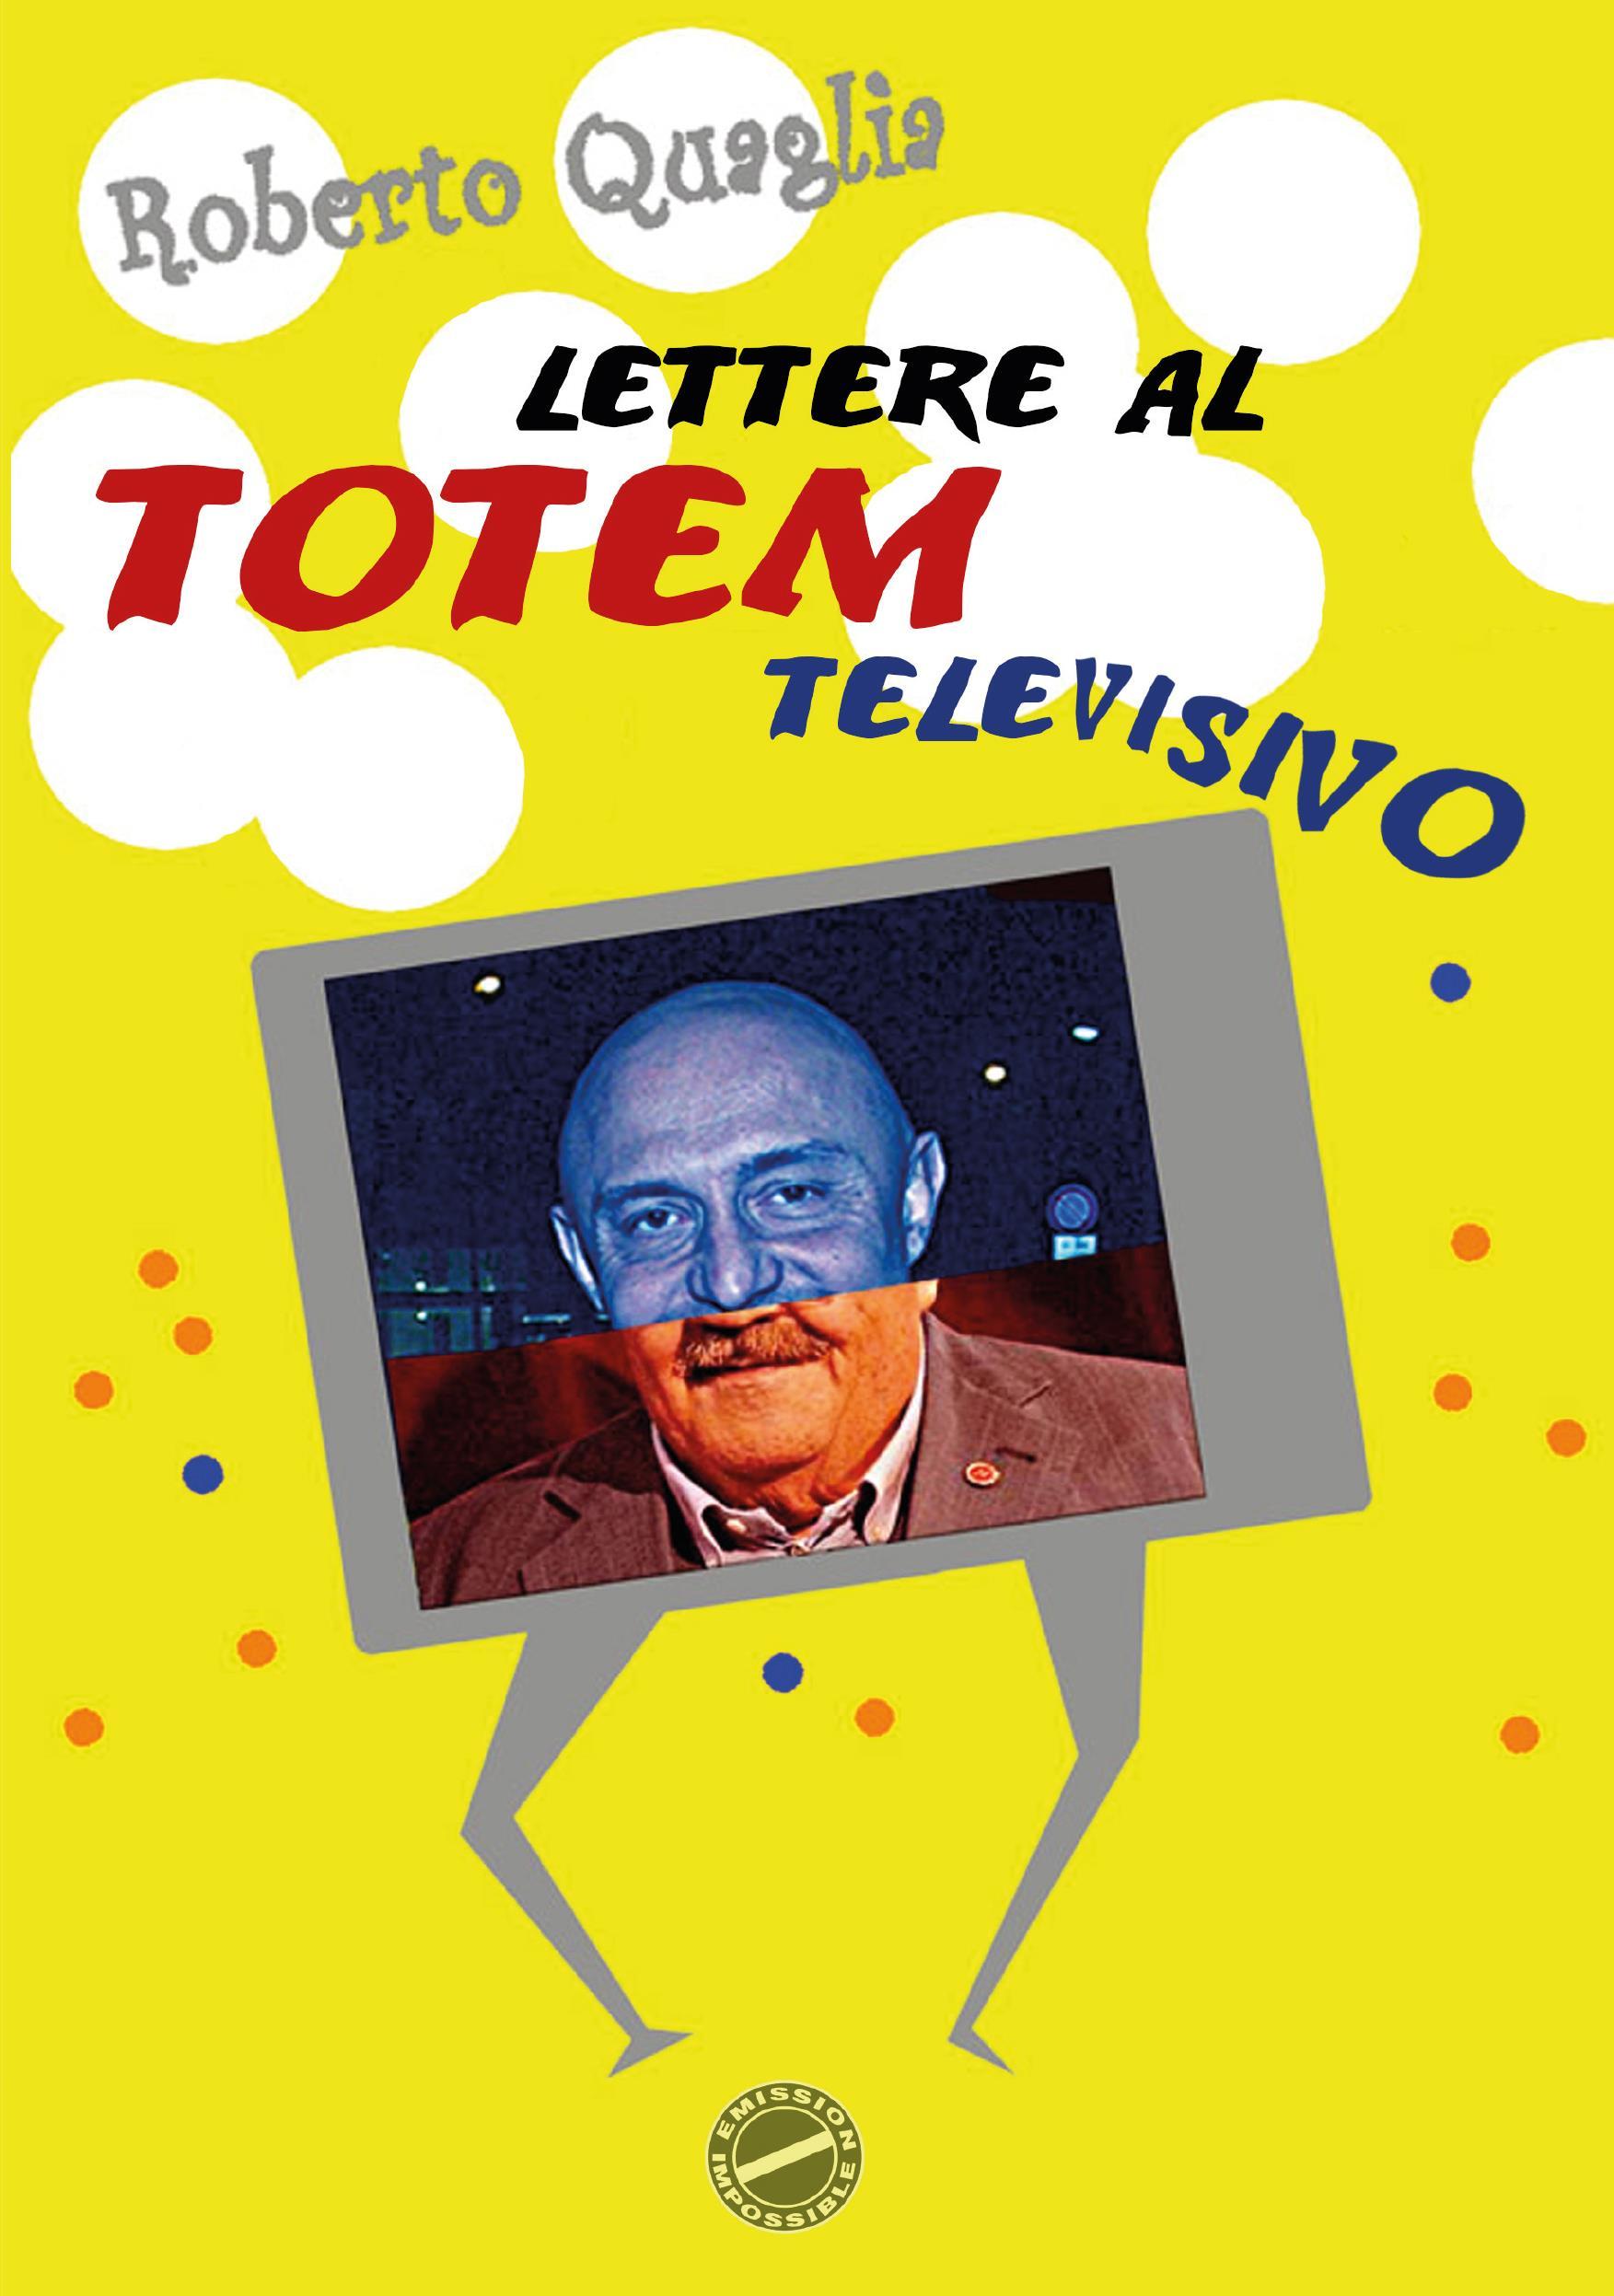 Lettere al Totem Televisivo